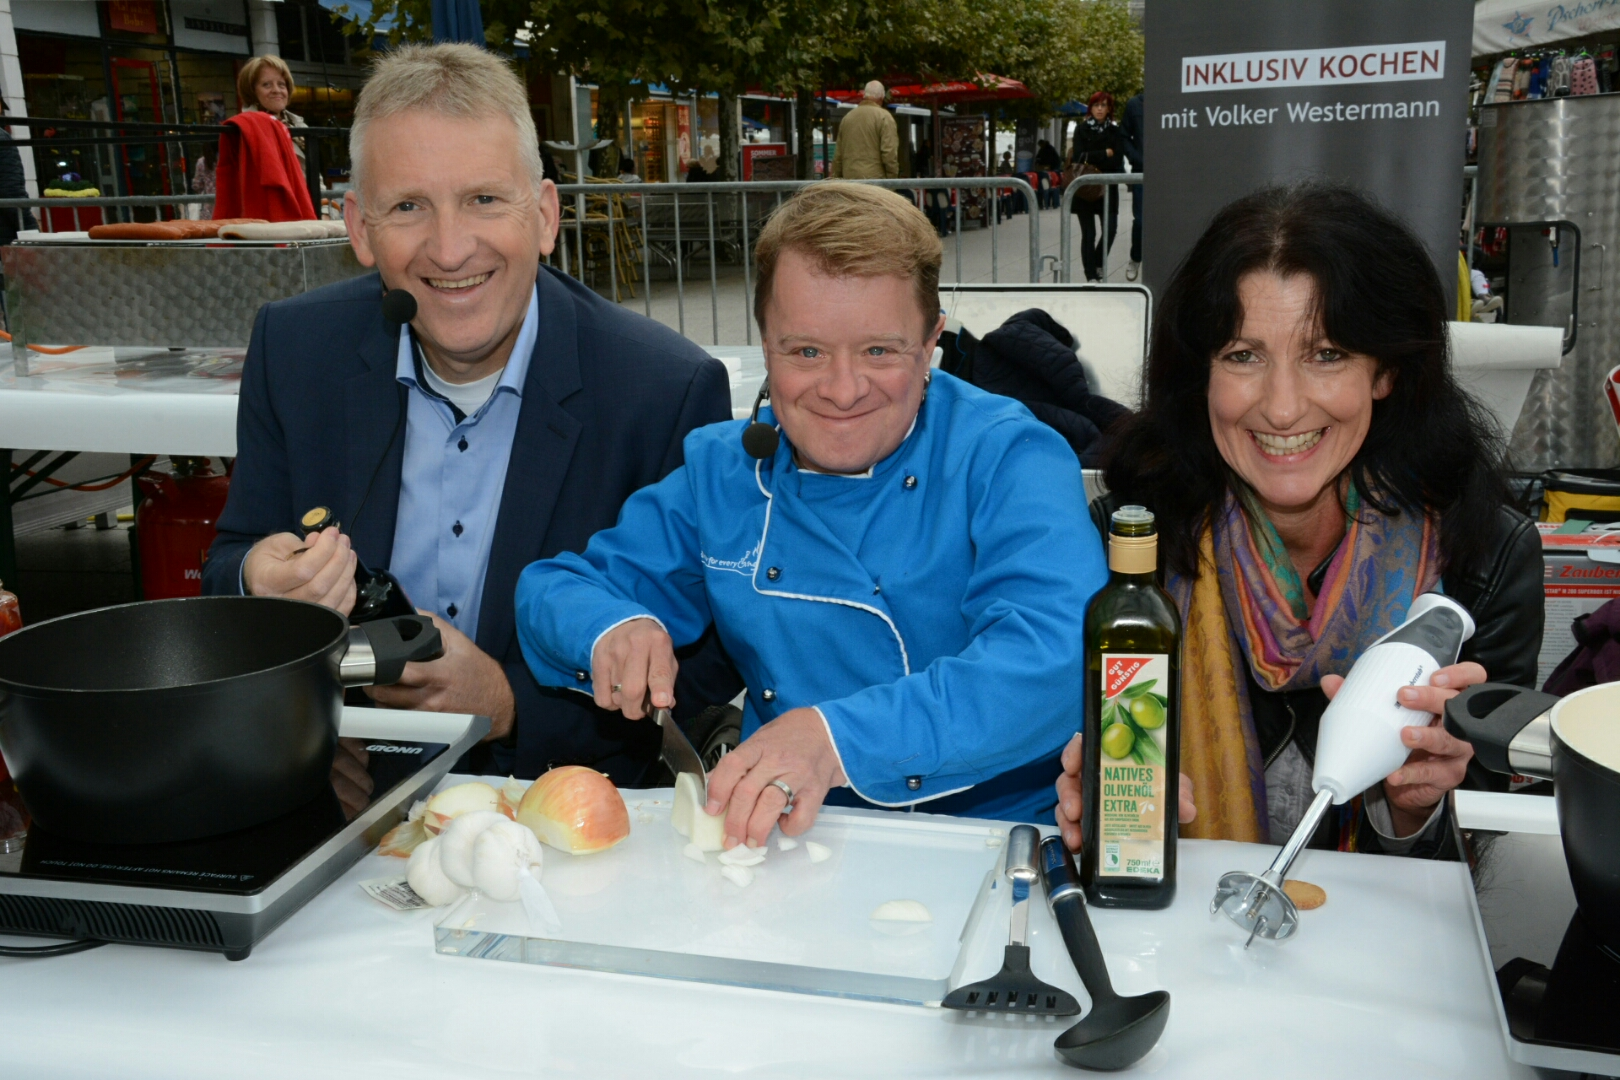 Landrat Patrik Lauer kocht gemeinsam mit Fernsehkoch Volker Westermann und AWO Mitarbeiterin Elke Müller.